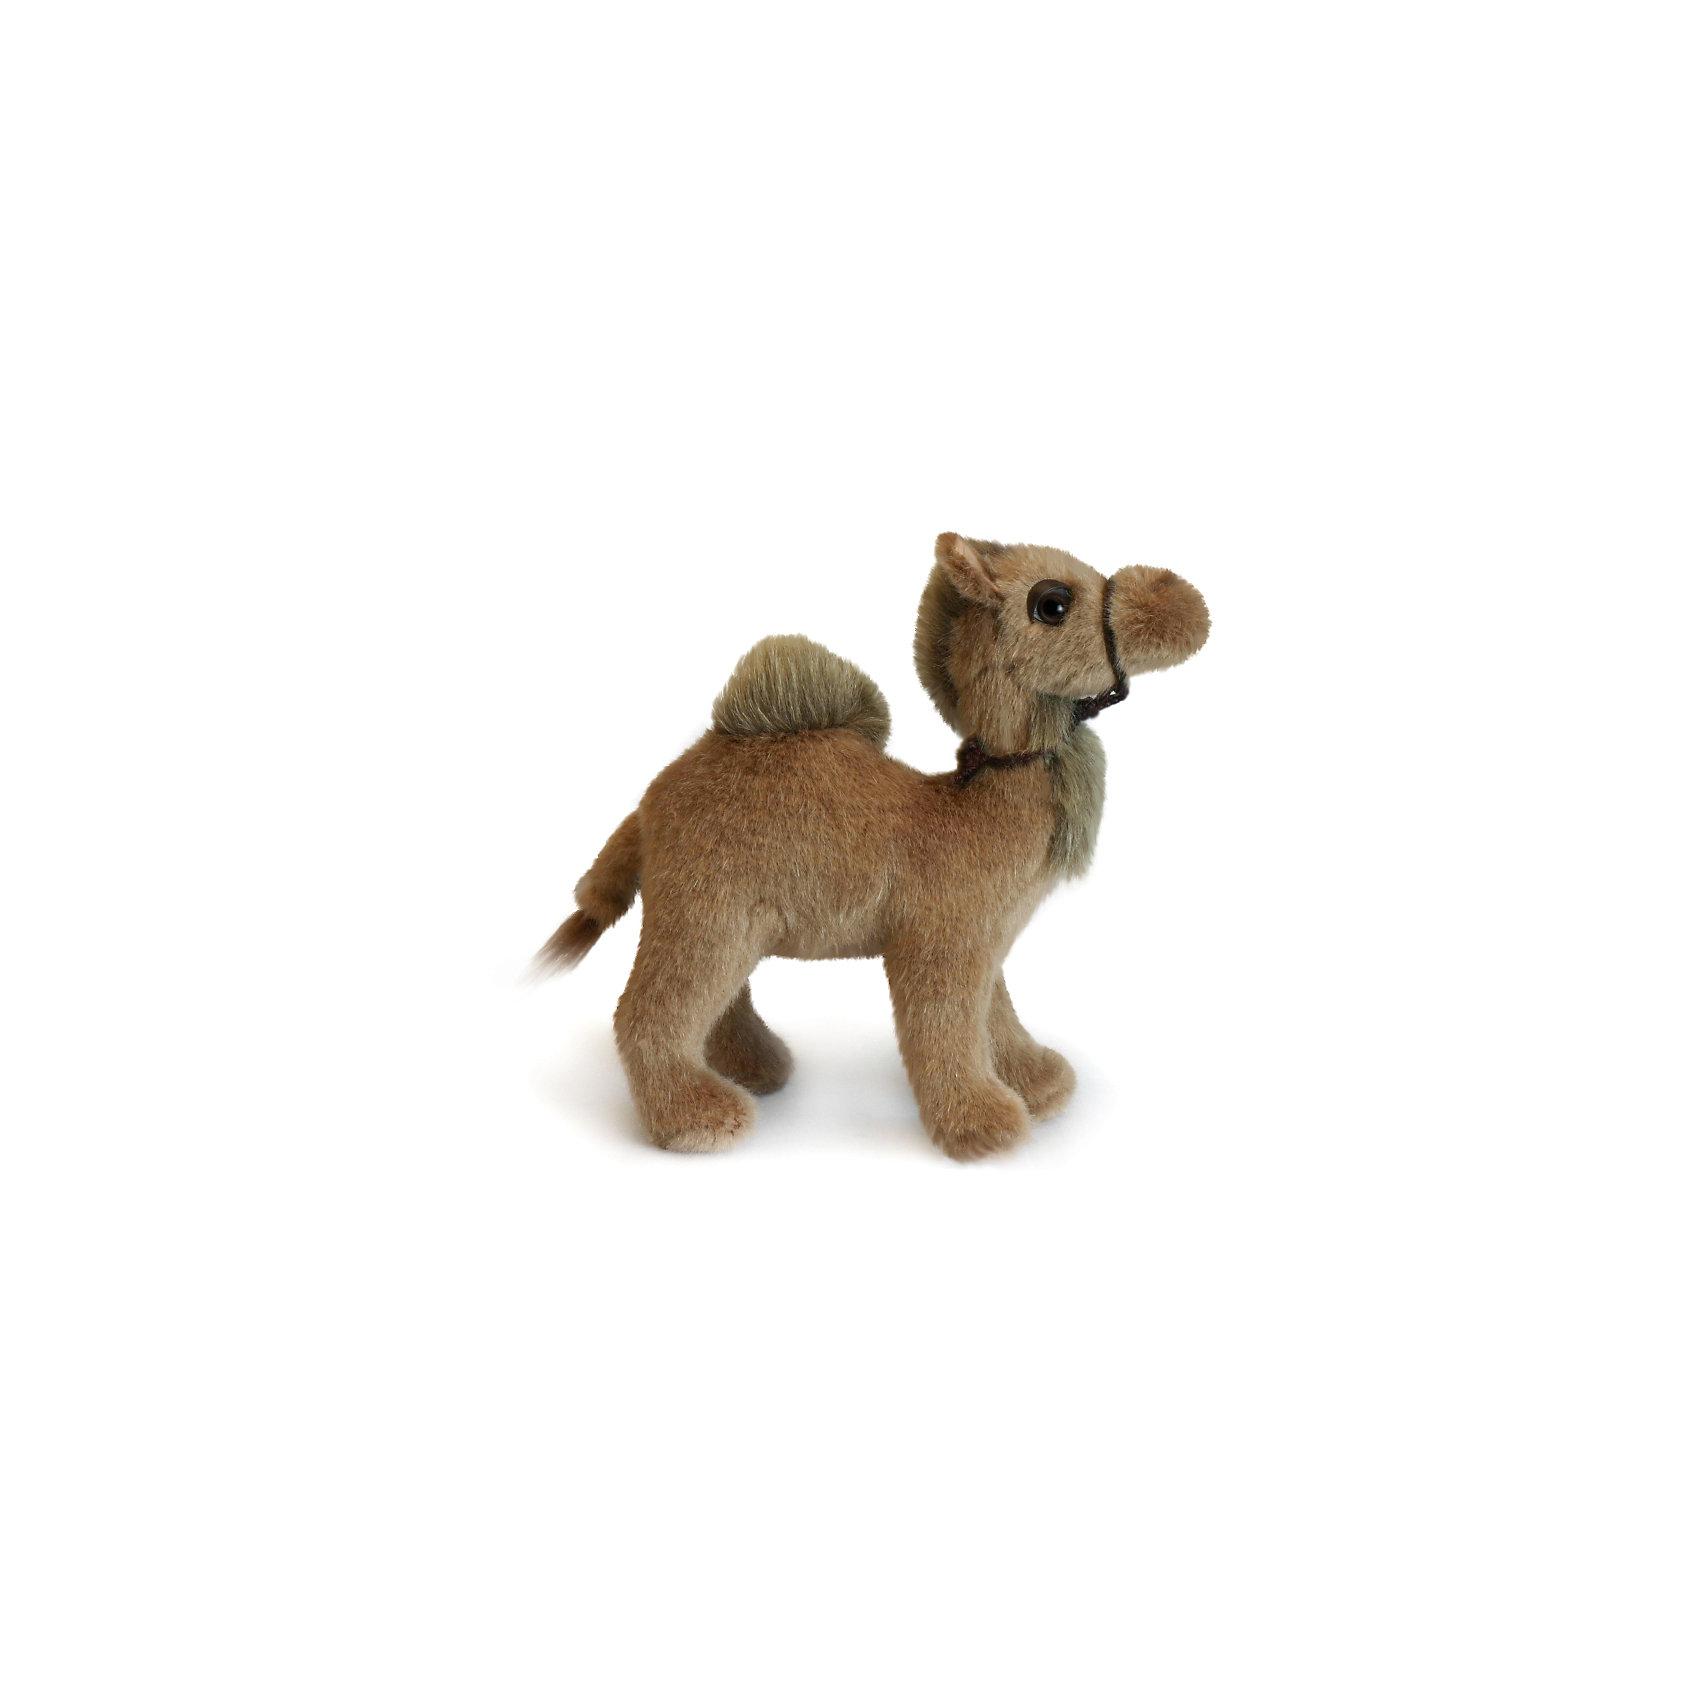 Верблюд, 18 см, HansaМягкие игрушки животные<br>Верблюд, 18 см, Hansa (Ханса)<br><br>Характеристики:<br><br>• реалистичная мягкая игрушка<br>• приятная на ощупь<br>• прочный каркас<br>• размер игрушки: 18 см<br>• материал: металл, плюш, наполнитель, пластик<br>• размер упаковки: 10х18 см<br>• вес: 320 грамм<br><br>Мягкий верблюд Hansa станет отличным дополнением к коллекции игрушек ребенка. Игрушка имеет прочный титановый каркас, мягкую поверхность и синтепоновый наполнитель. Детали выполнены очень реалистично. Приятная на ощупь игрушка подарит малышу много радостных эмоций. А родители с радостью познакомят малыша с верблюдом и его особенностями.<br><br>Верблюда, 18 см, Hansa (Ханса) можно купить в нашем интернет-магазине.<br><br>Ширина мм: 180<br>Глубина мм: 100<br>Высота мм: 190<br>Вес г: 320<br>Возраст от месяцев: 36<br>Возраст до месяцев: 2147483647<br>Пол: Унисекс<br>Возраст: Детский<br>SKU: 5503280